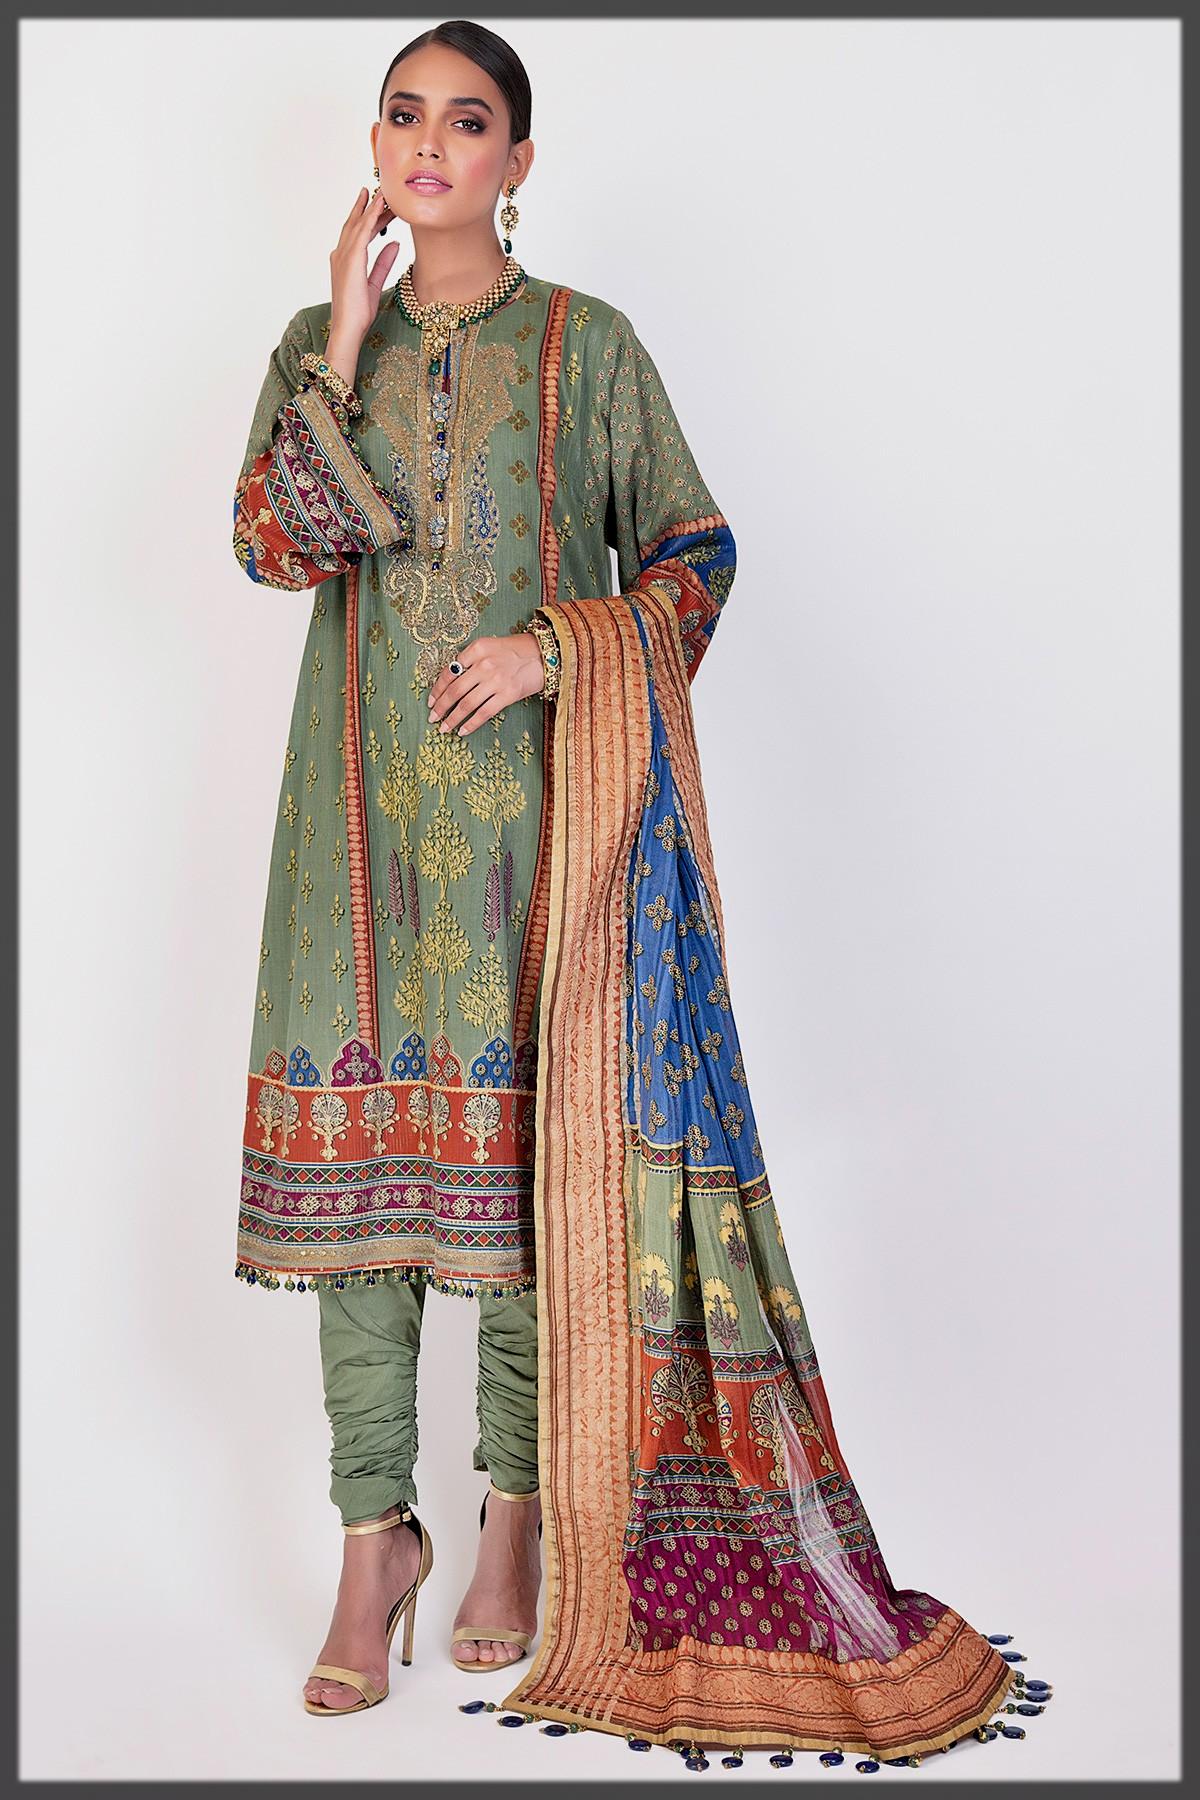 green shaded summer attire for eid ul adha